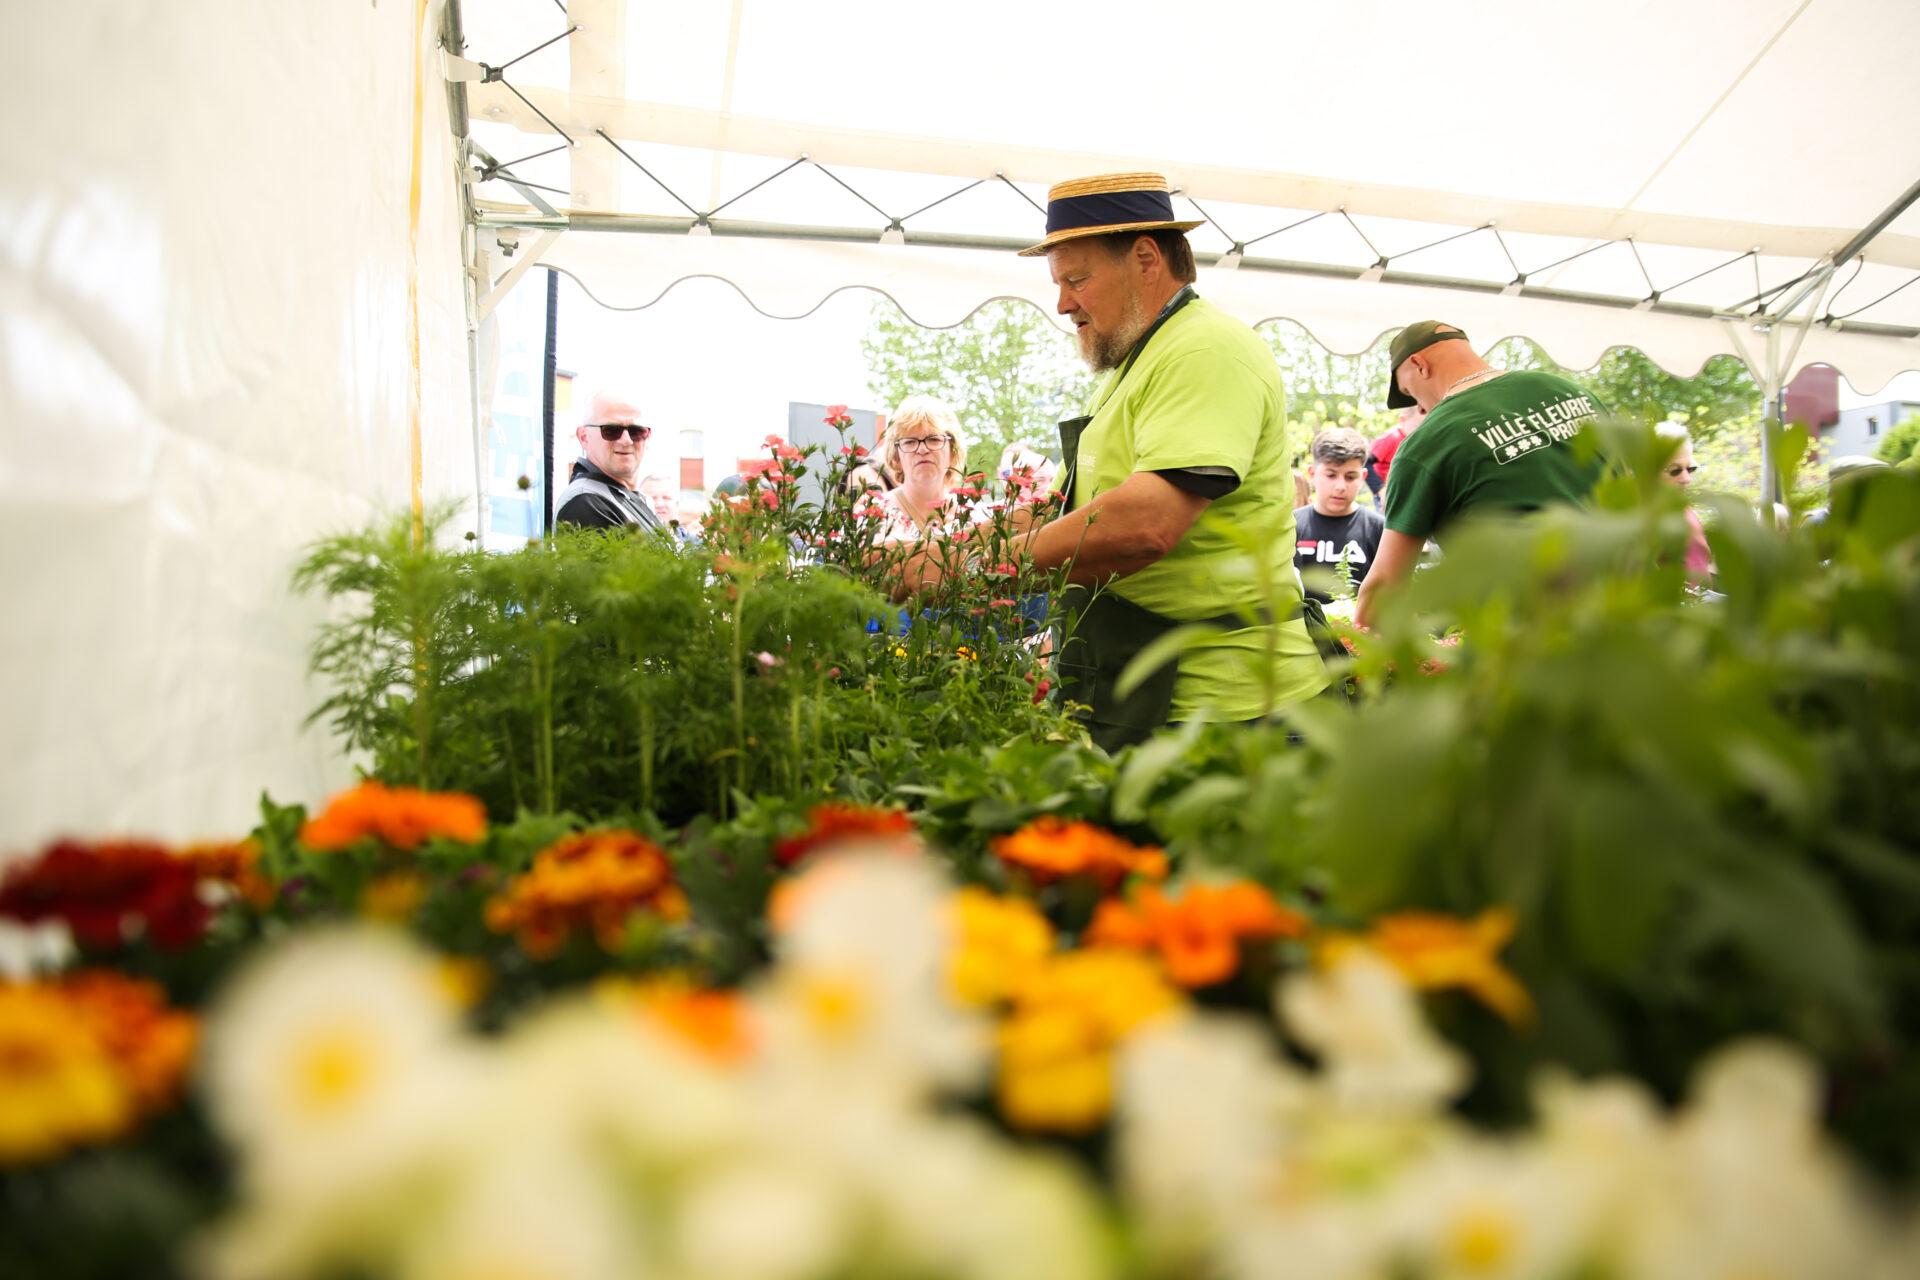 Opération Ville Fleurie les 4 et 5 juin : entre distribution de fleurs et animations